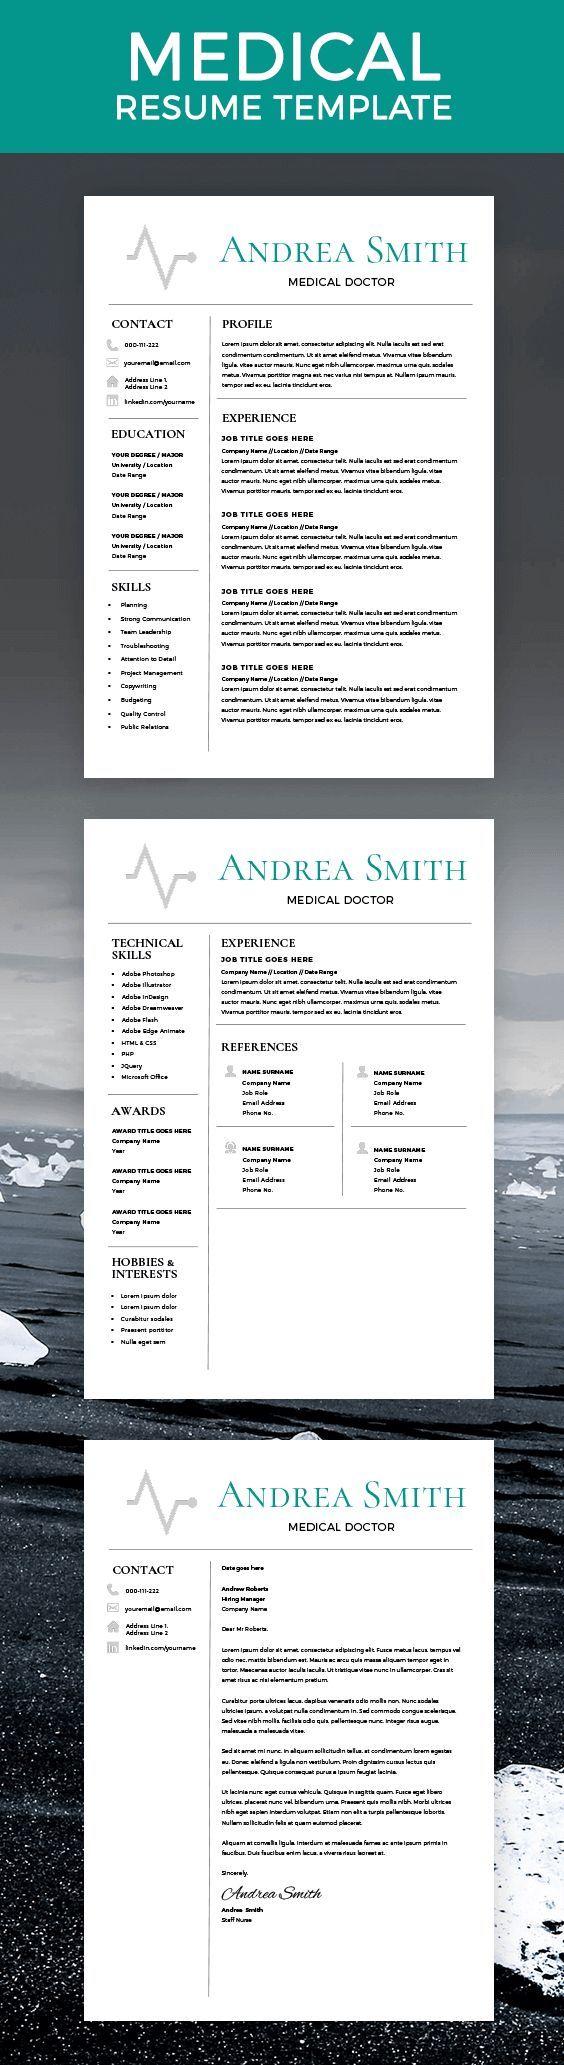 Nursing Resume, CNA Resume, Medical Assistant Resume, Nursing Student Resume, LPN Resume, RN Resume, Resume for Registered Nurse